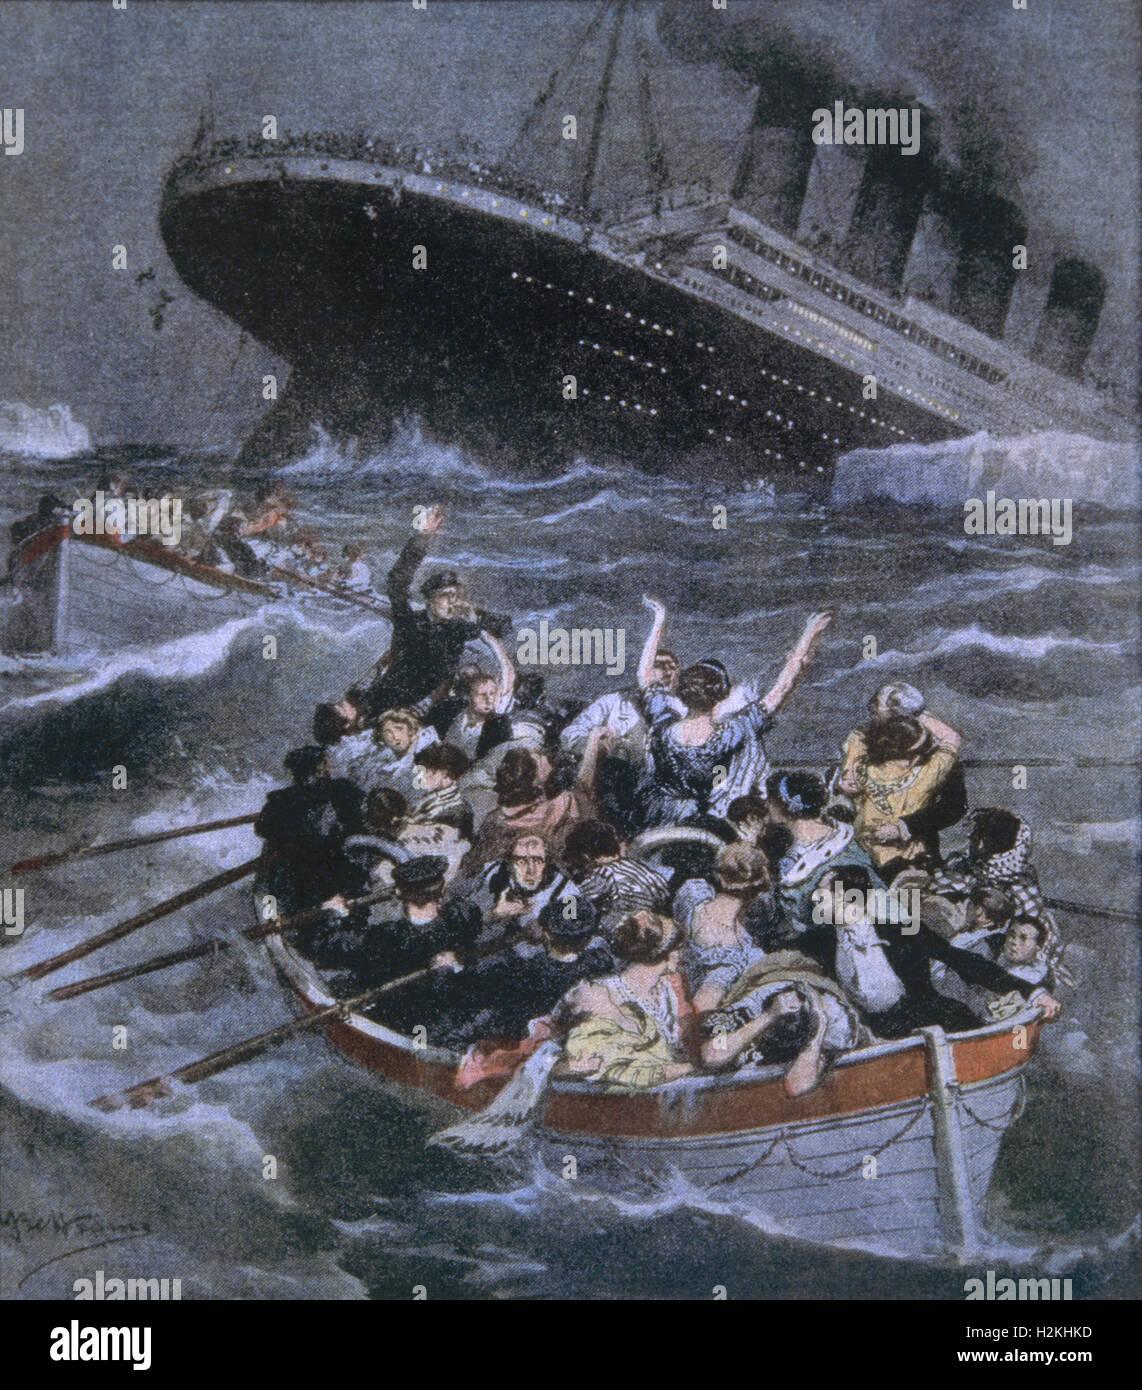 Wie Viele Passagiere Waren Auf Der Titanic